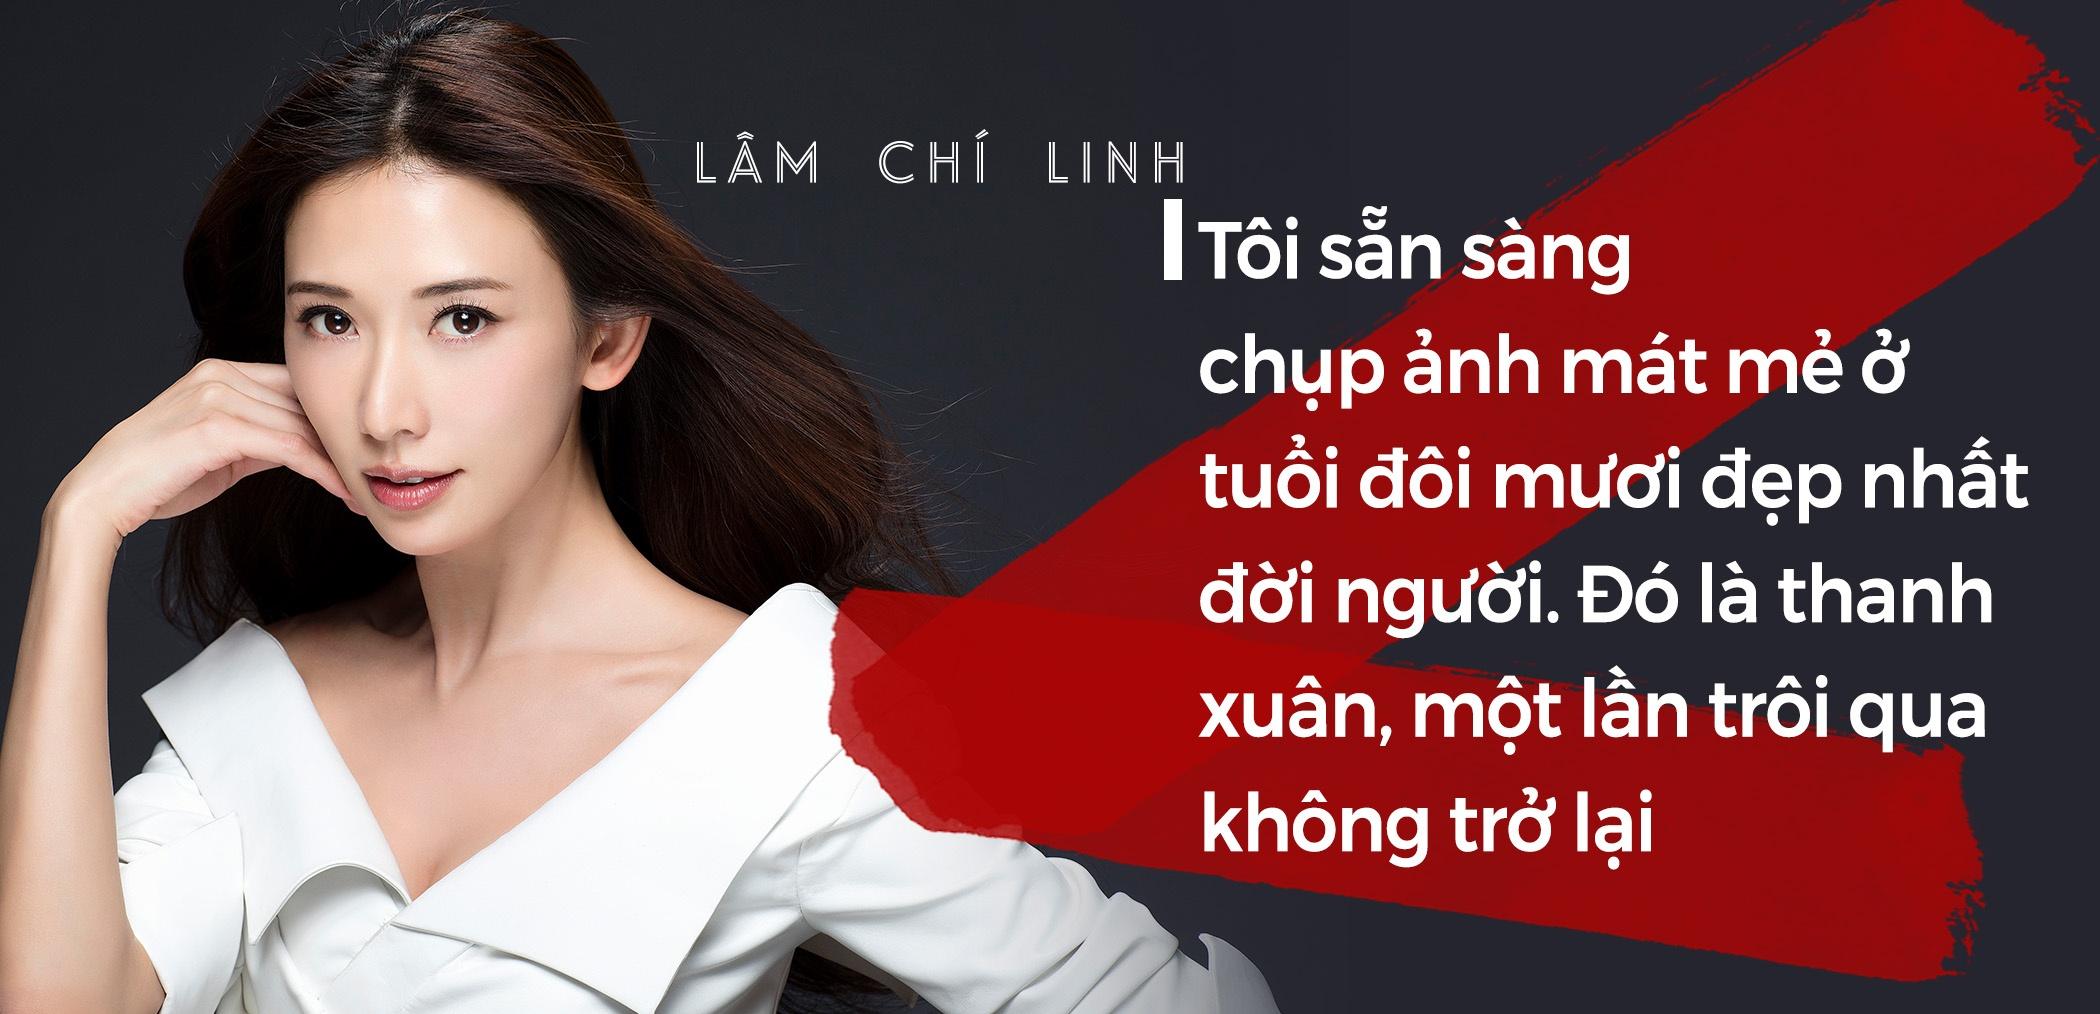 Lam Chi Linh: Hoa hau than thien hay chan dai ban dam nghin USD? hinh anh 3